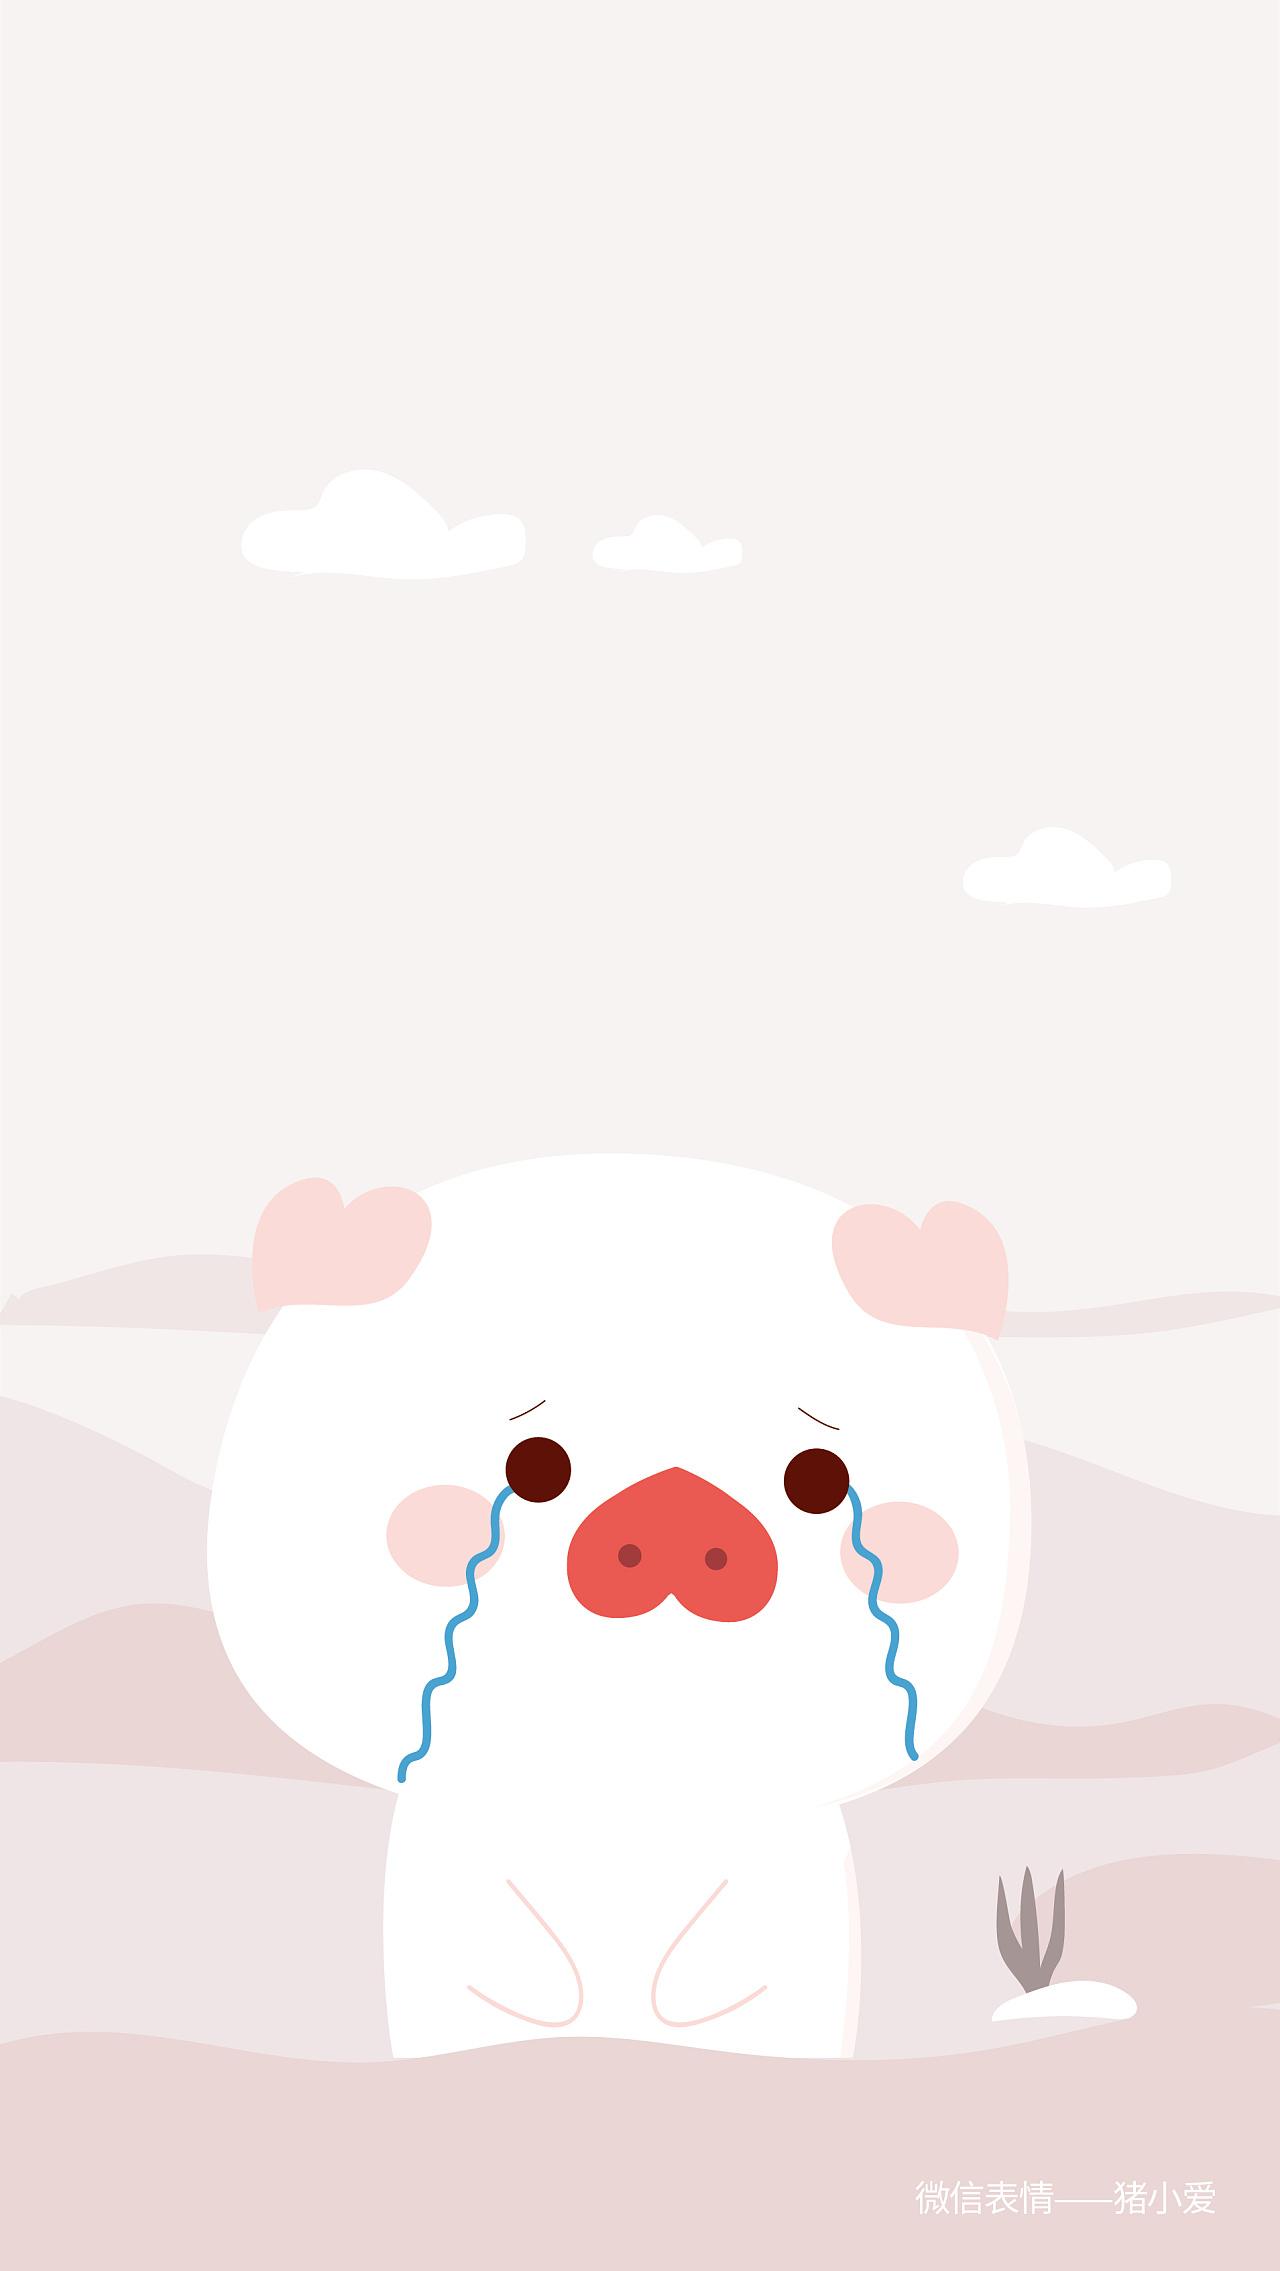 微信表情猪小爱猪年大吉猪套路可爱不玩表情表情包图片